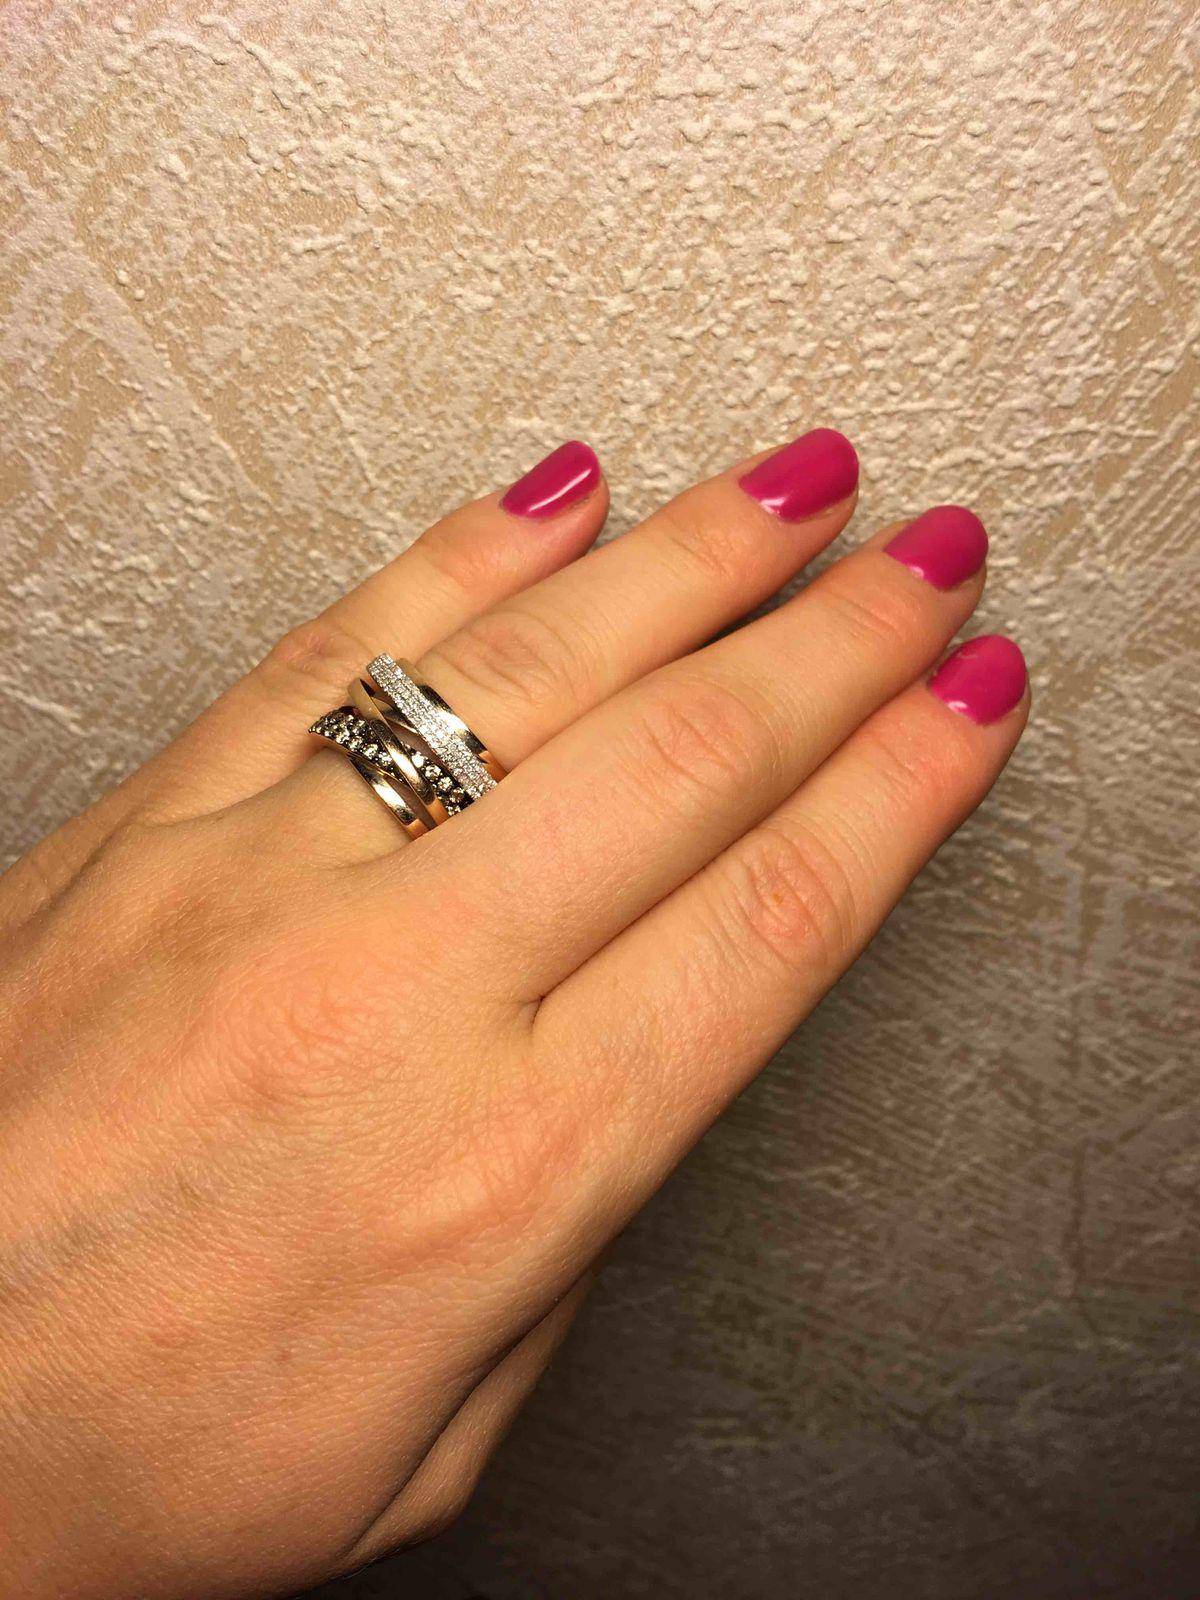 Не кольцо, а мечта!